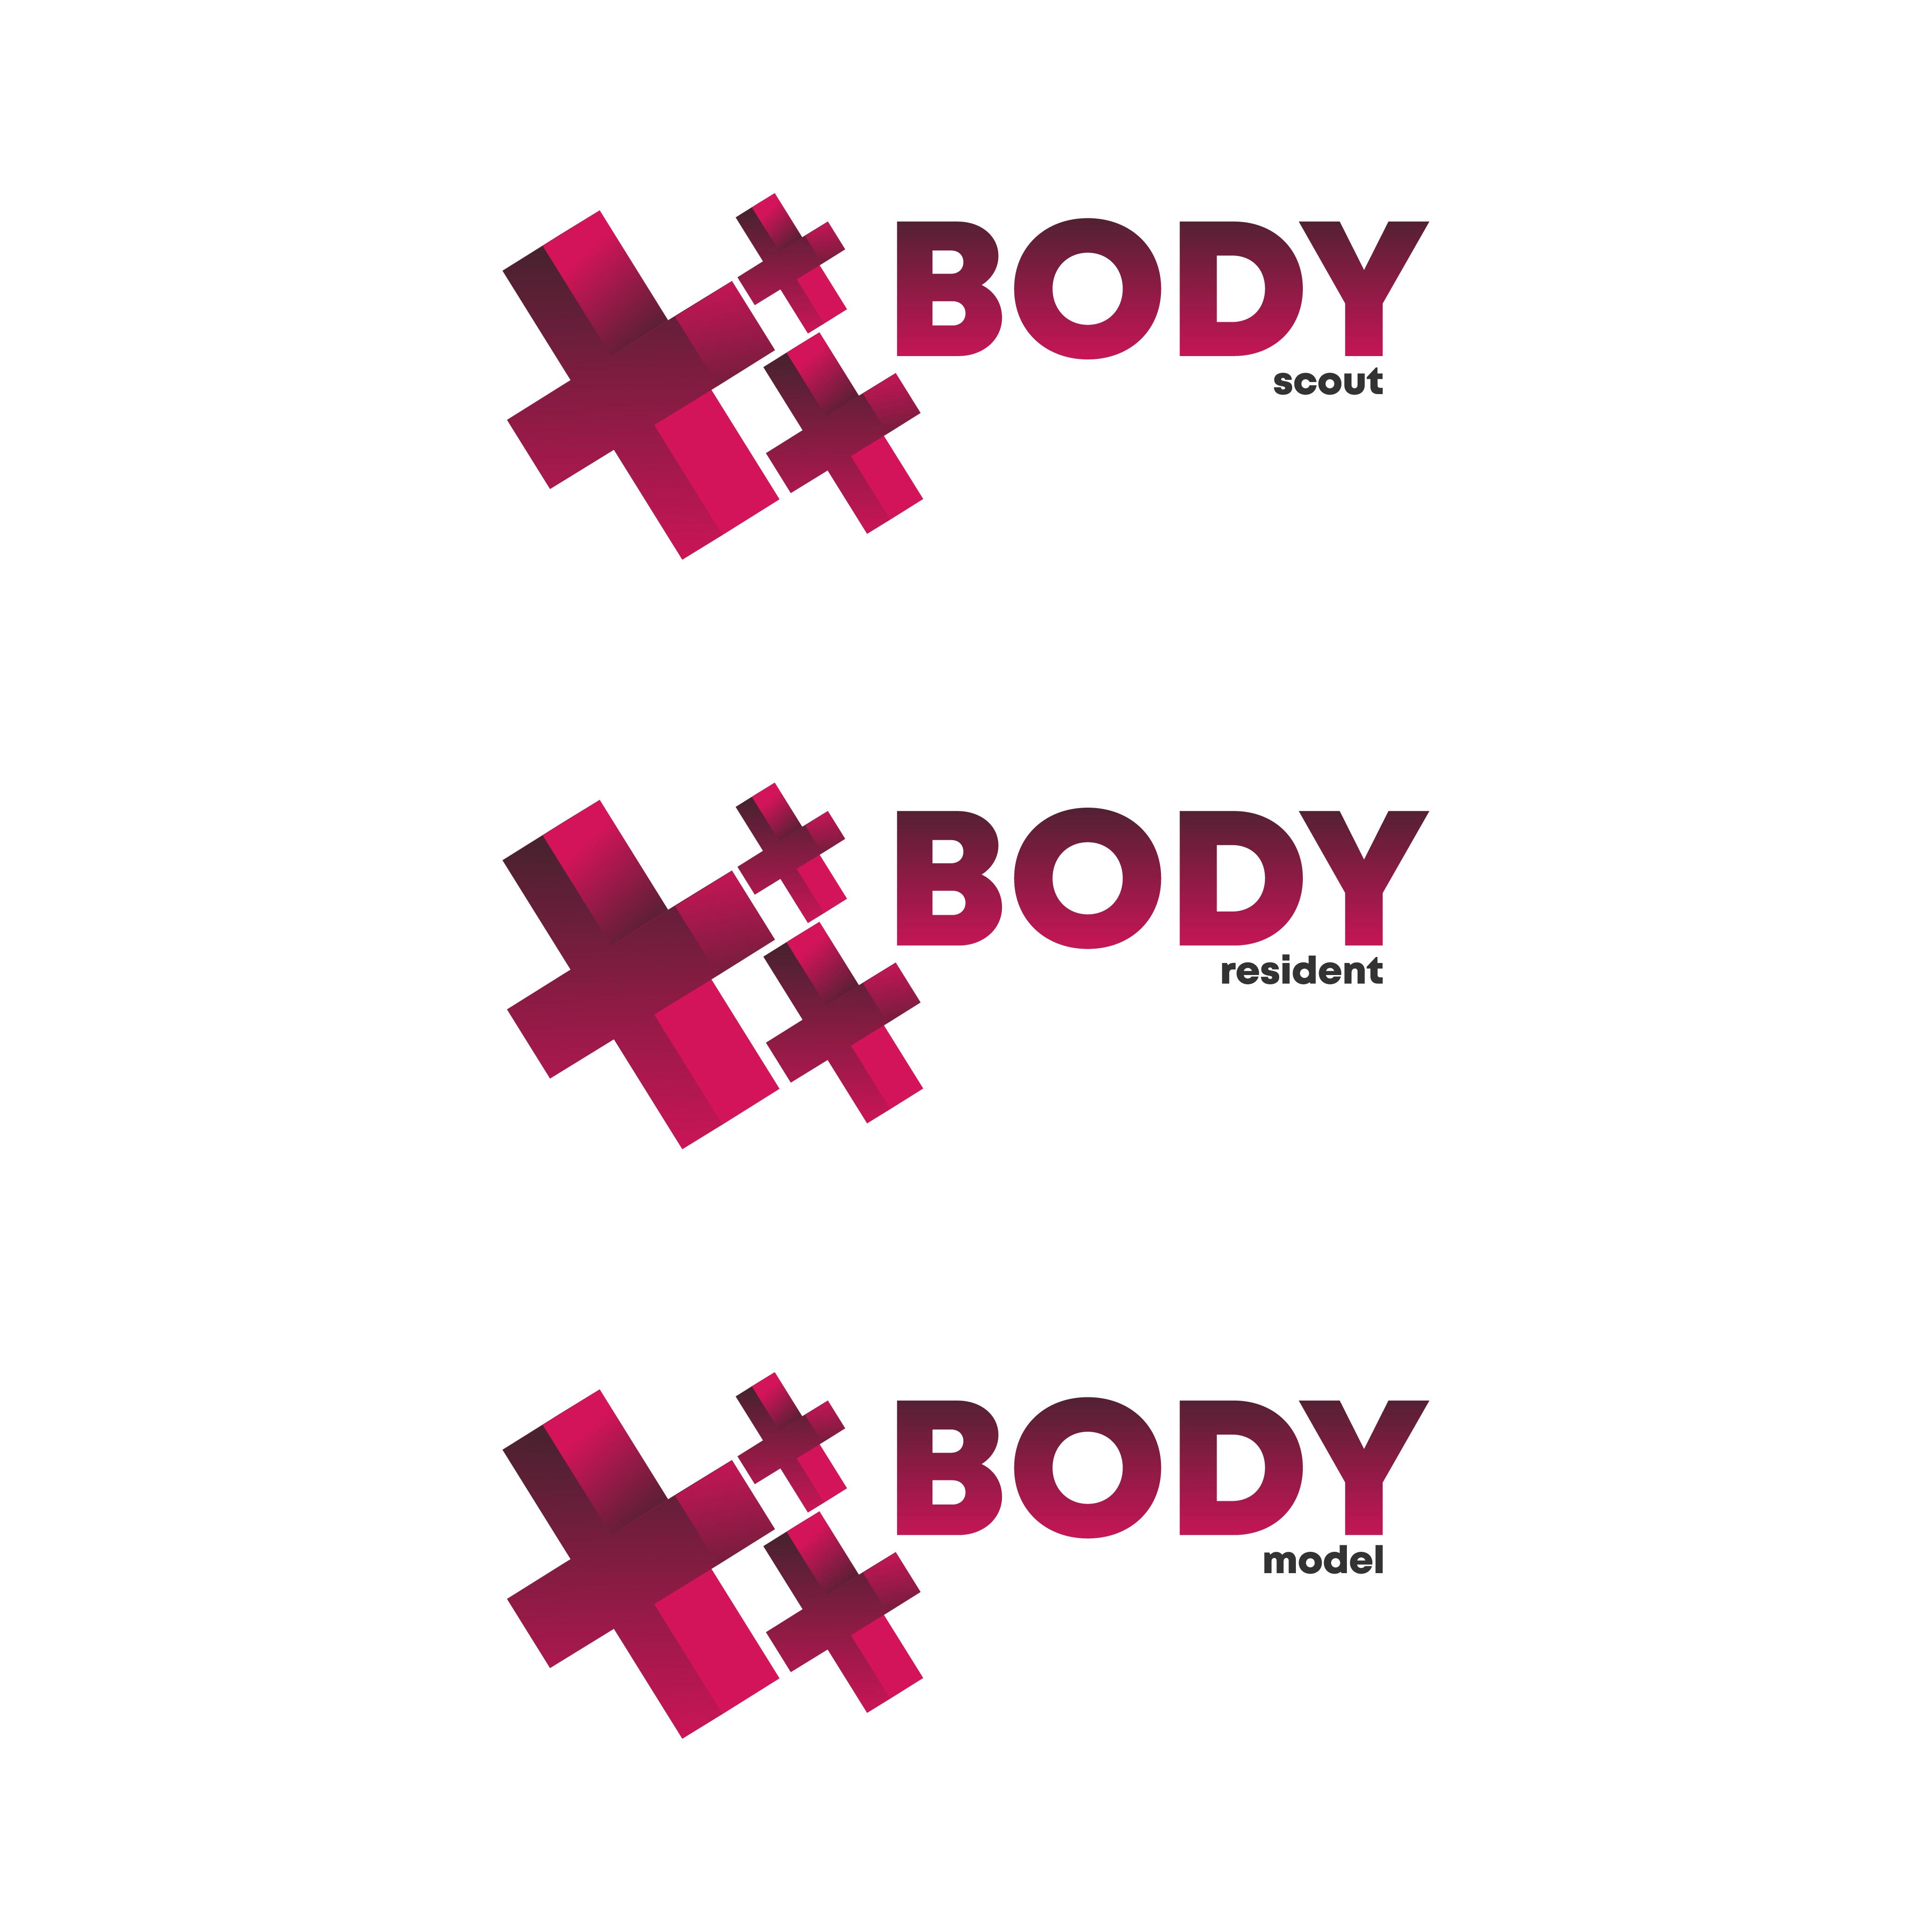 Разработка логотипа (видеоблог для моделей) фото f_4675b22732bb8bb2.jpg